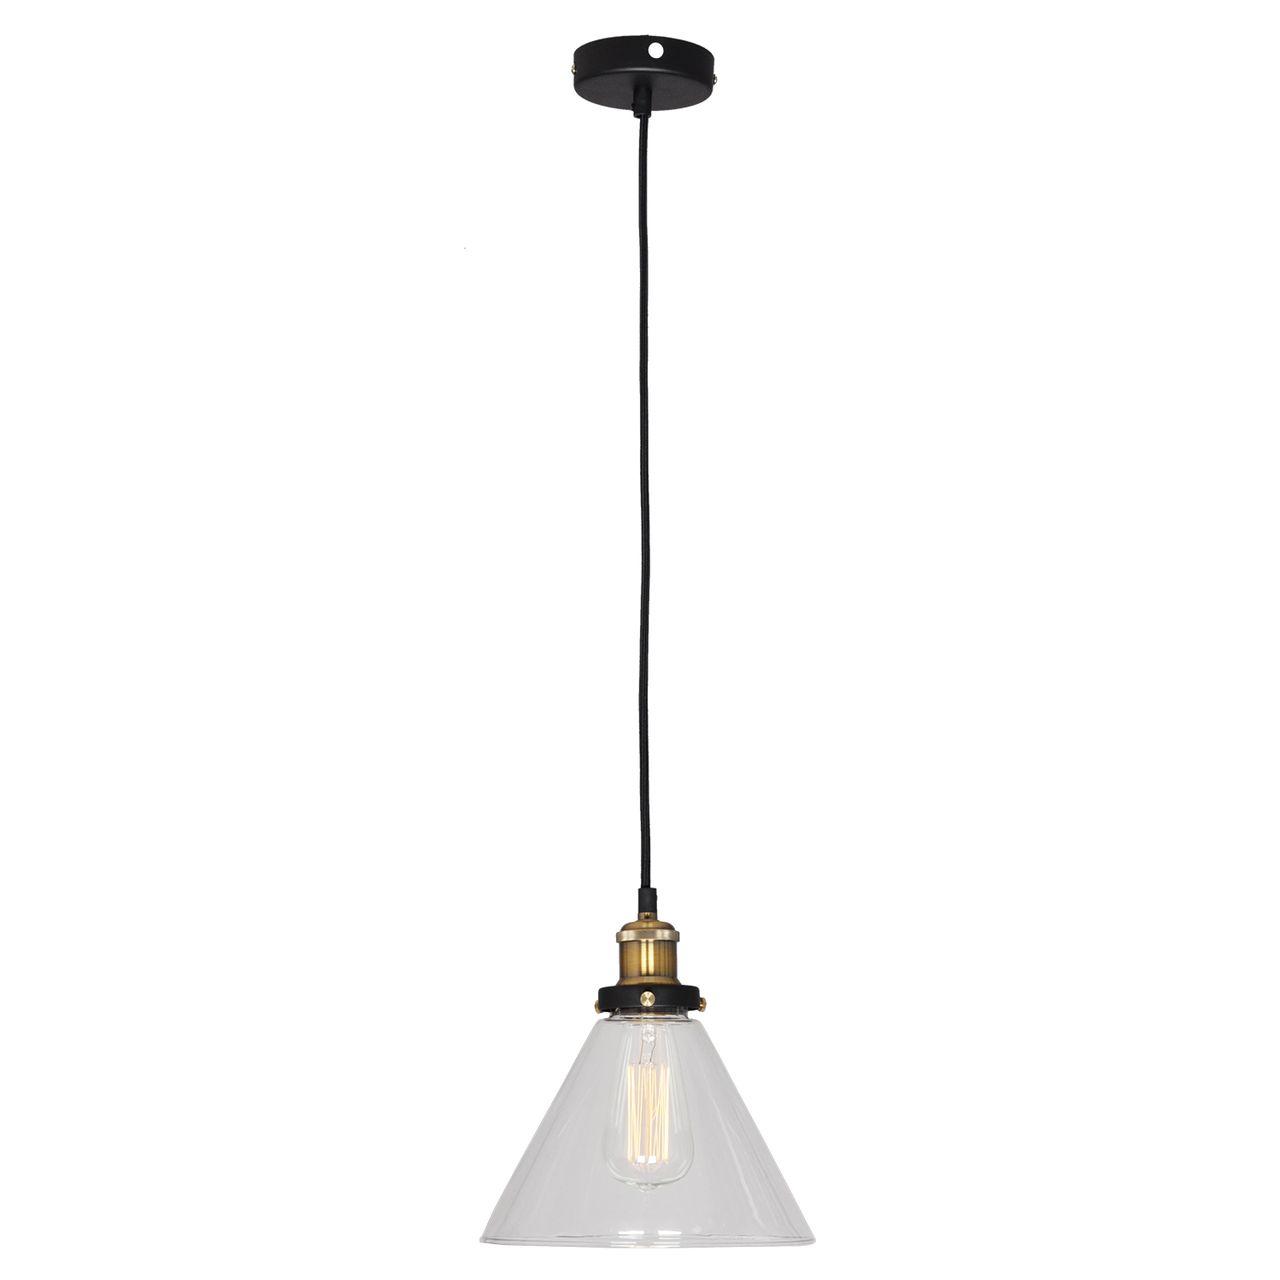 Подвесной светильник Lussole Loft IX LSP-9607 подвесной светильник lussole loft lsp 9889